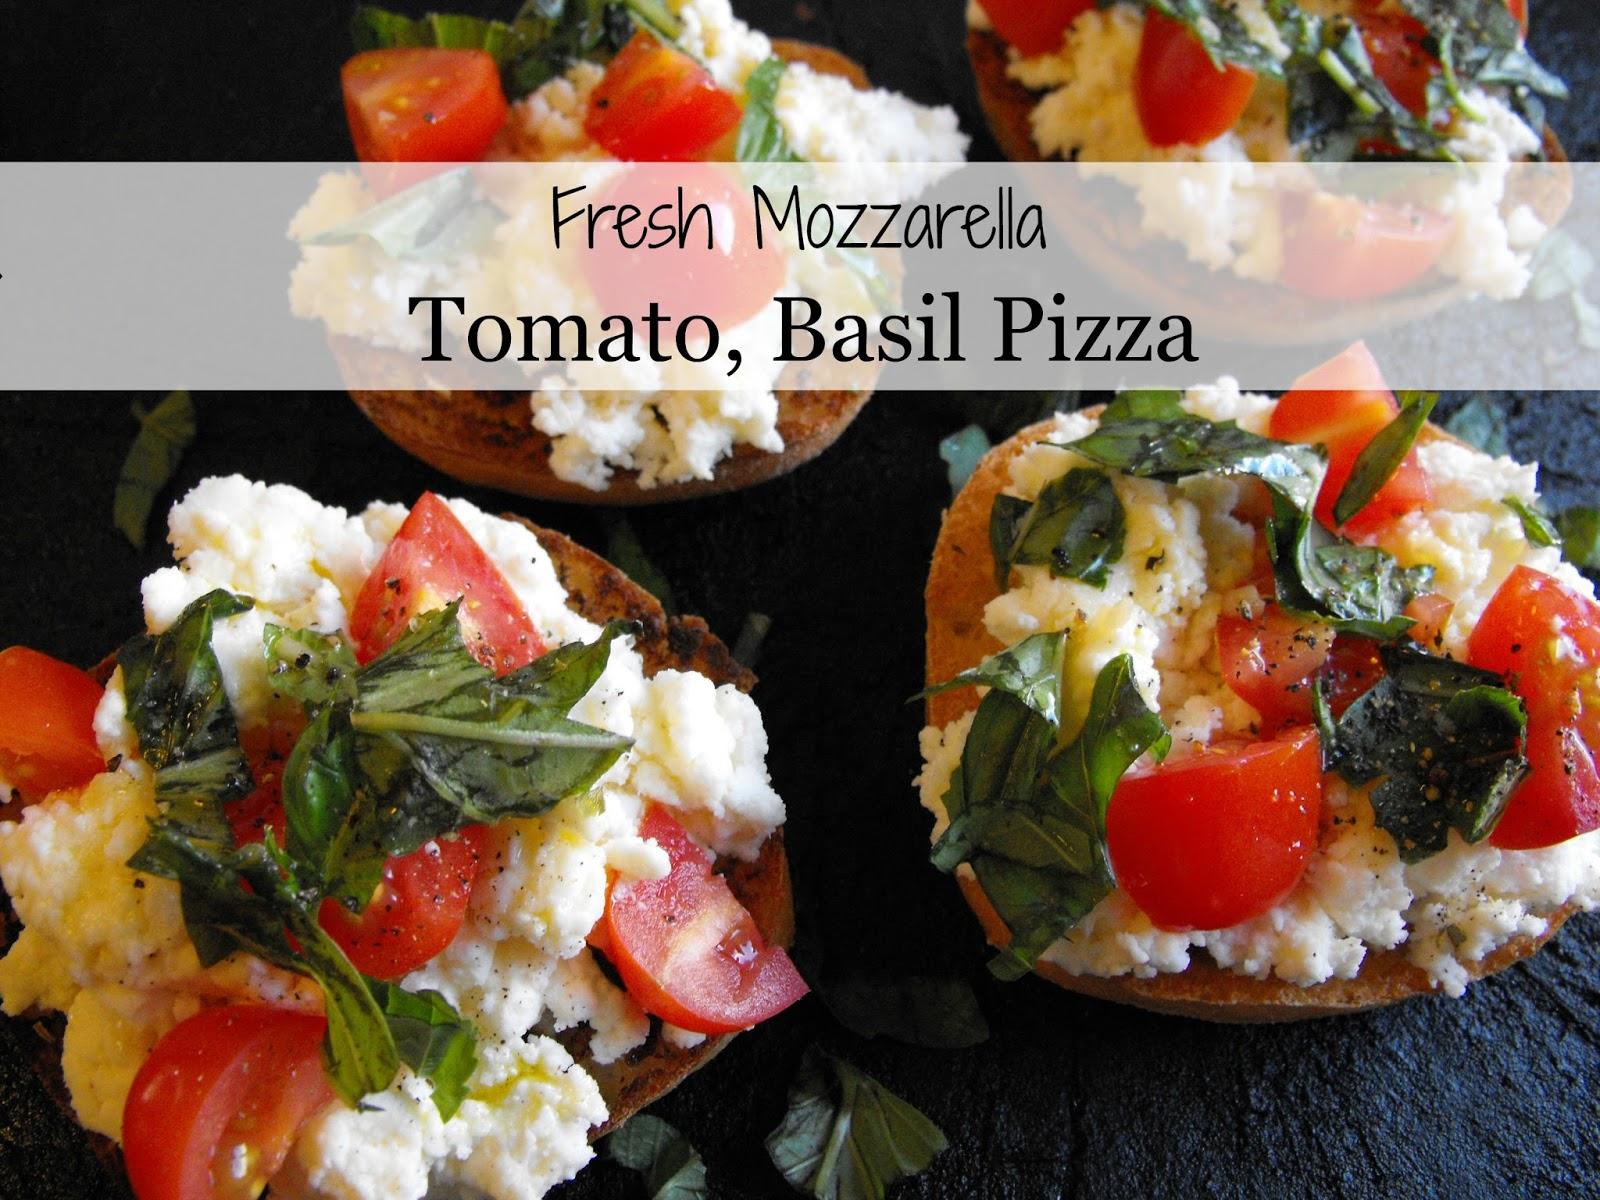 Fresh Mozzarella, Tomato, Basil Pizza at Smile for no Reason. Kathy ...